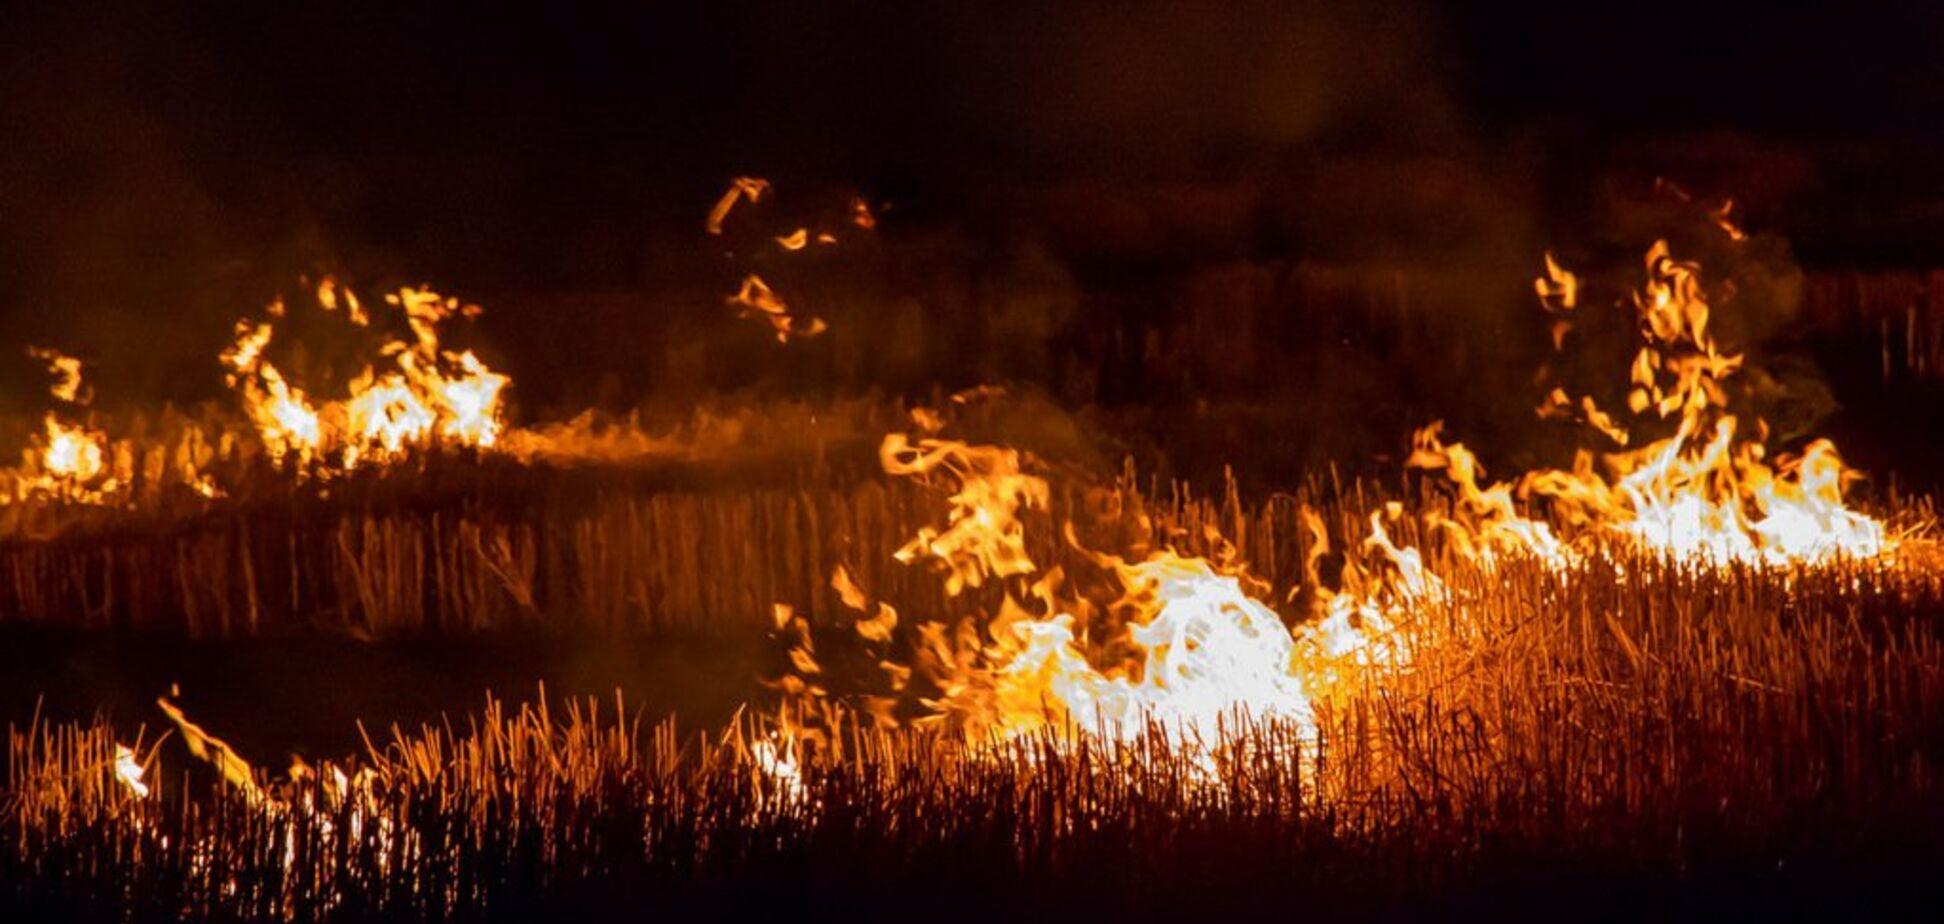 В Днепре произошел масштабный пожар: фото и видео огненного 'ада'